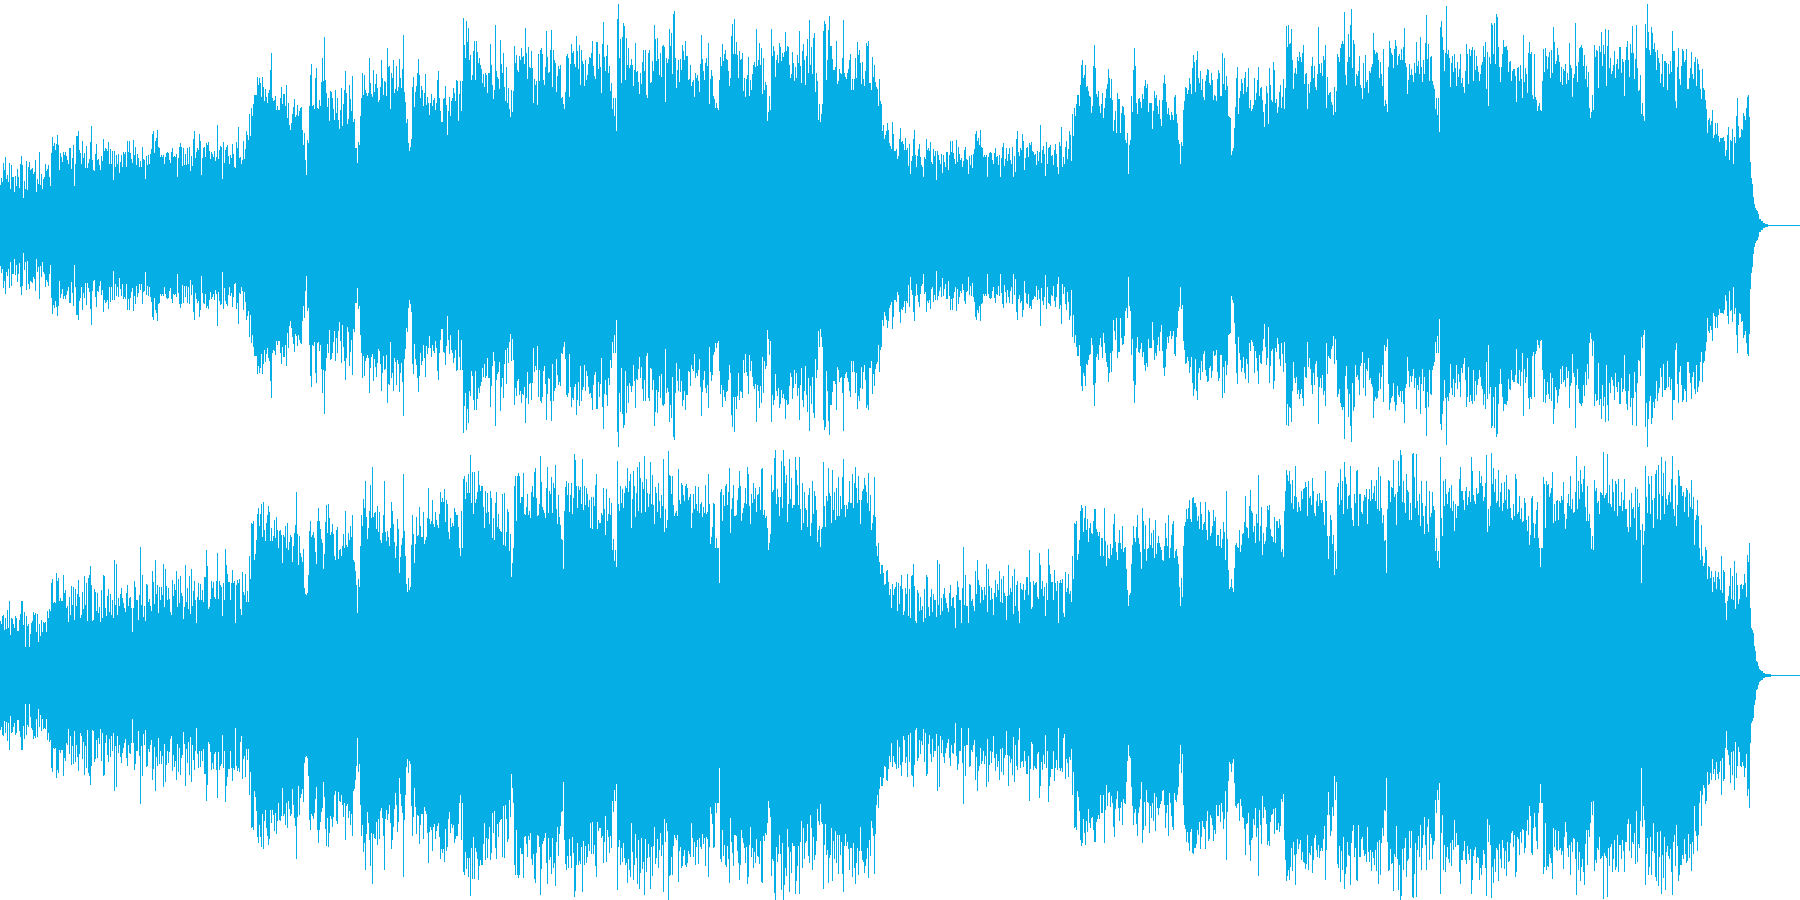 企業VPや映像67、オーケストラ、壮大aの再生済みの波形